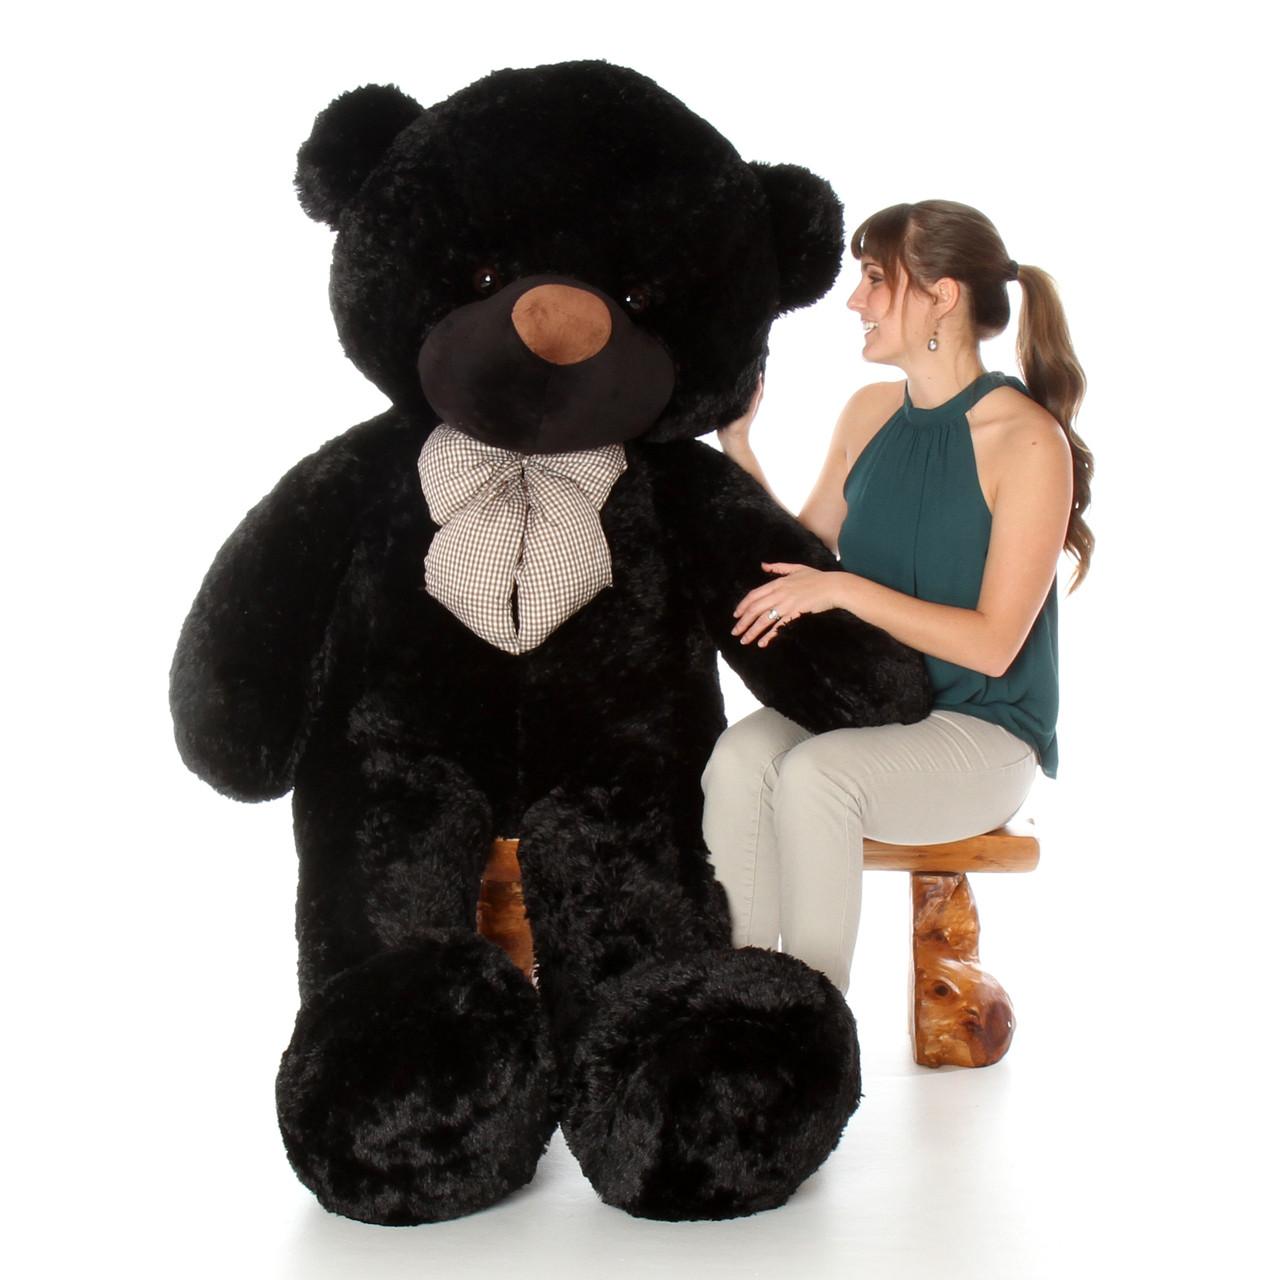 72in Life Size Teddy Bear Huggable Cuddles soft and huggable black bear